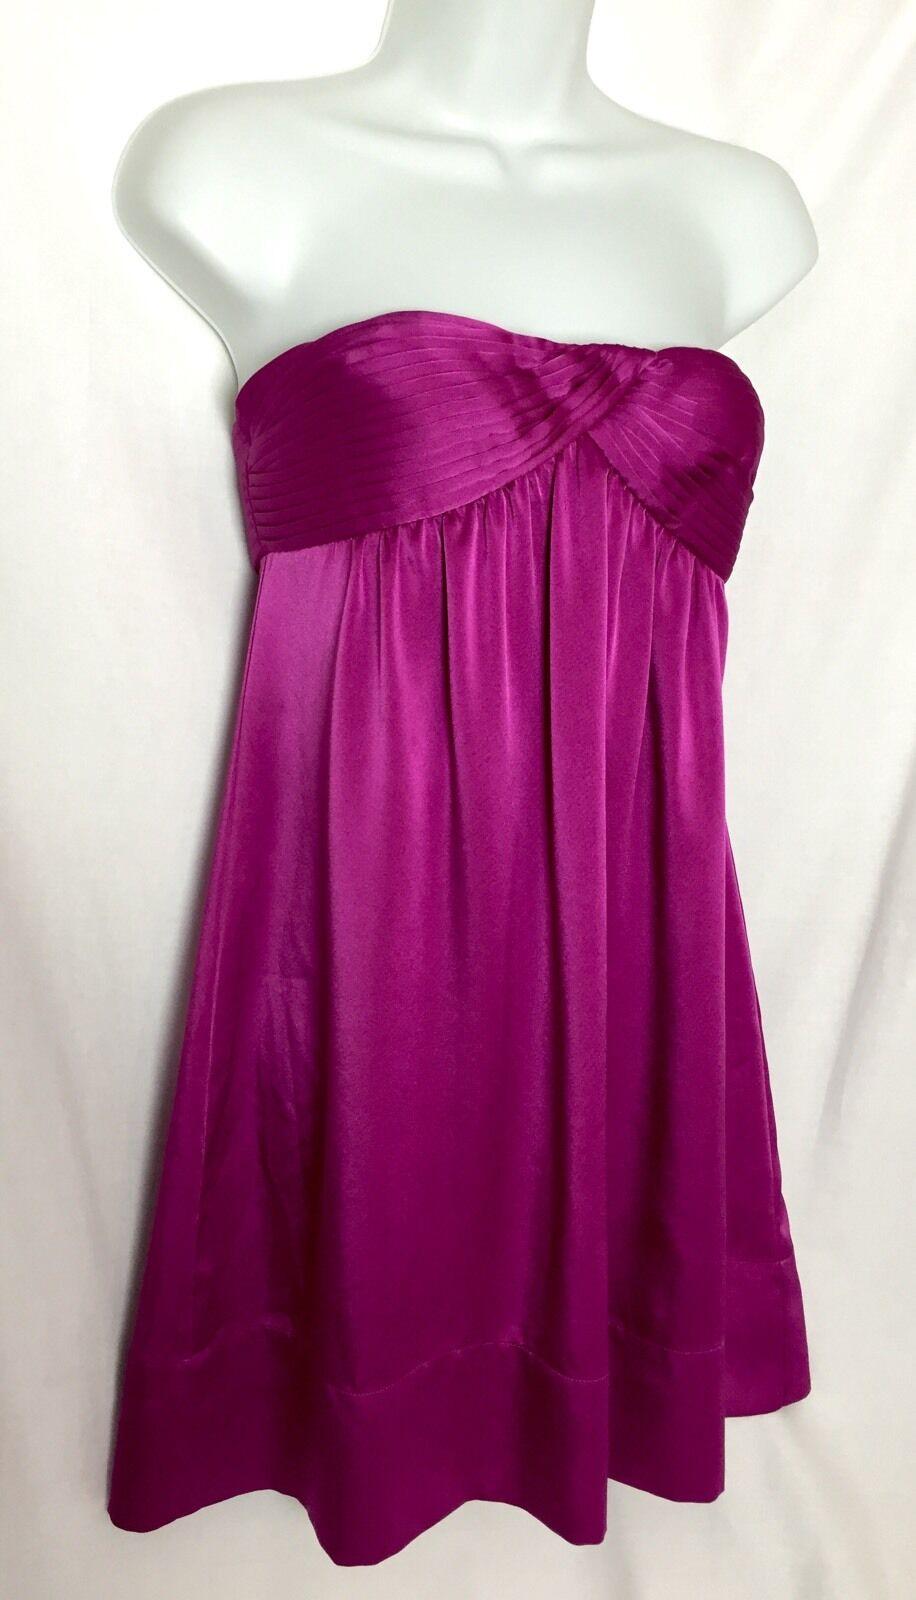 NWOT BCBG MAX AZRIA Magenta Empire Waist Strapless Mini Dress Size 2